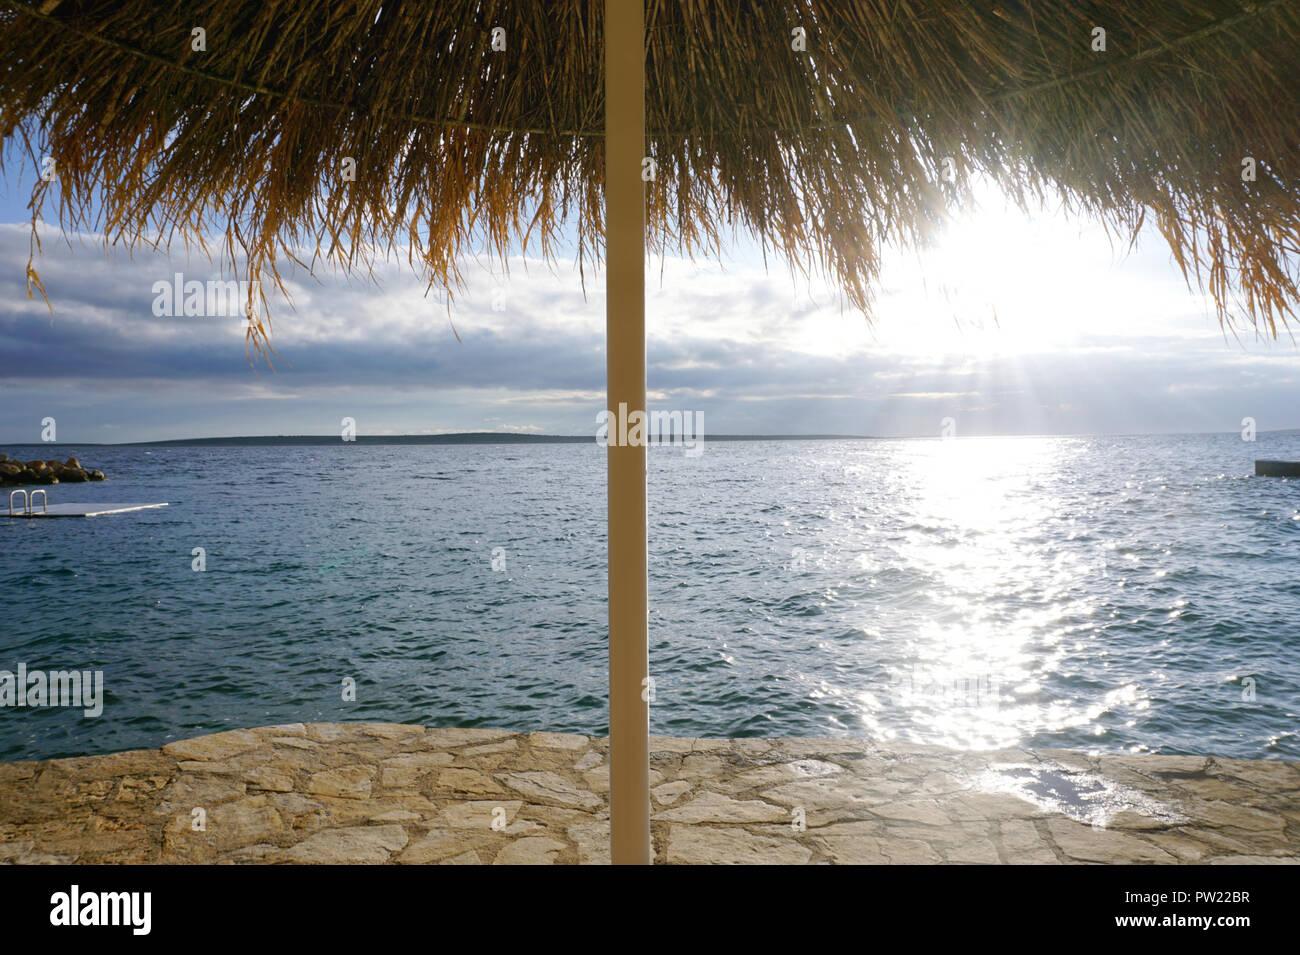 Sole Sotto L Ombrellone.Stone Mare Spiaggia Sotto L Ombrellone Di Foglie Di Palma